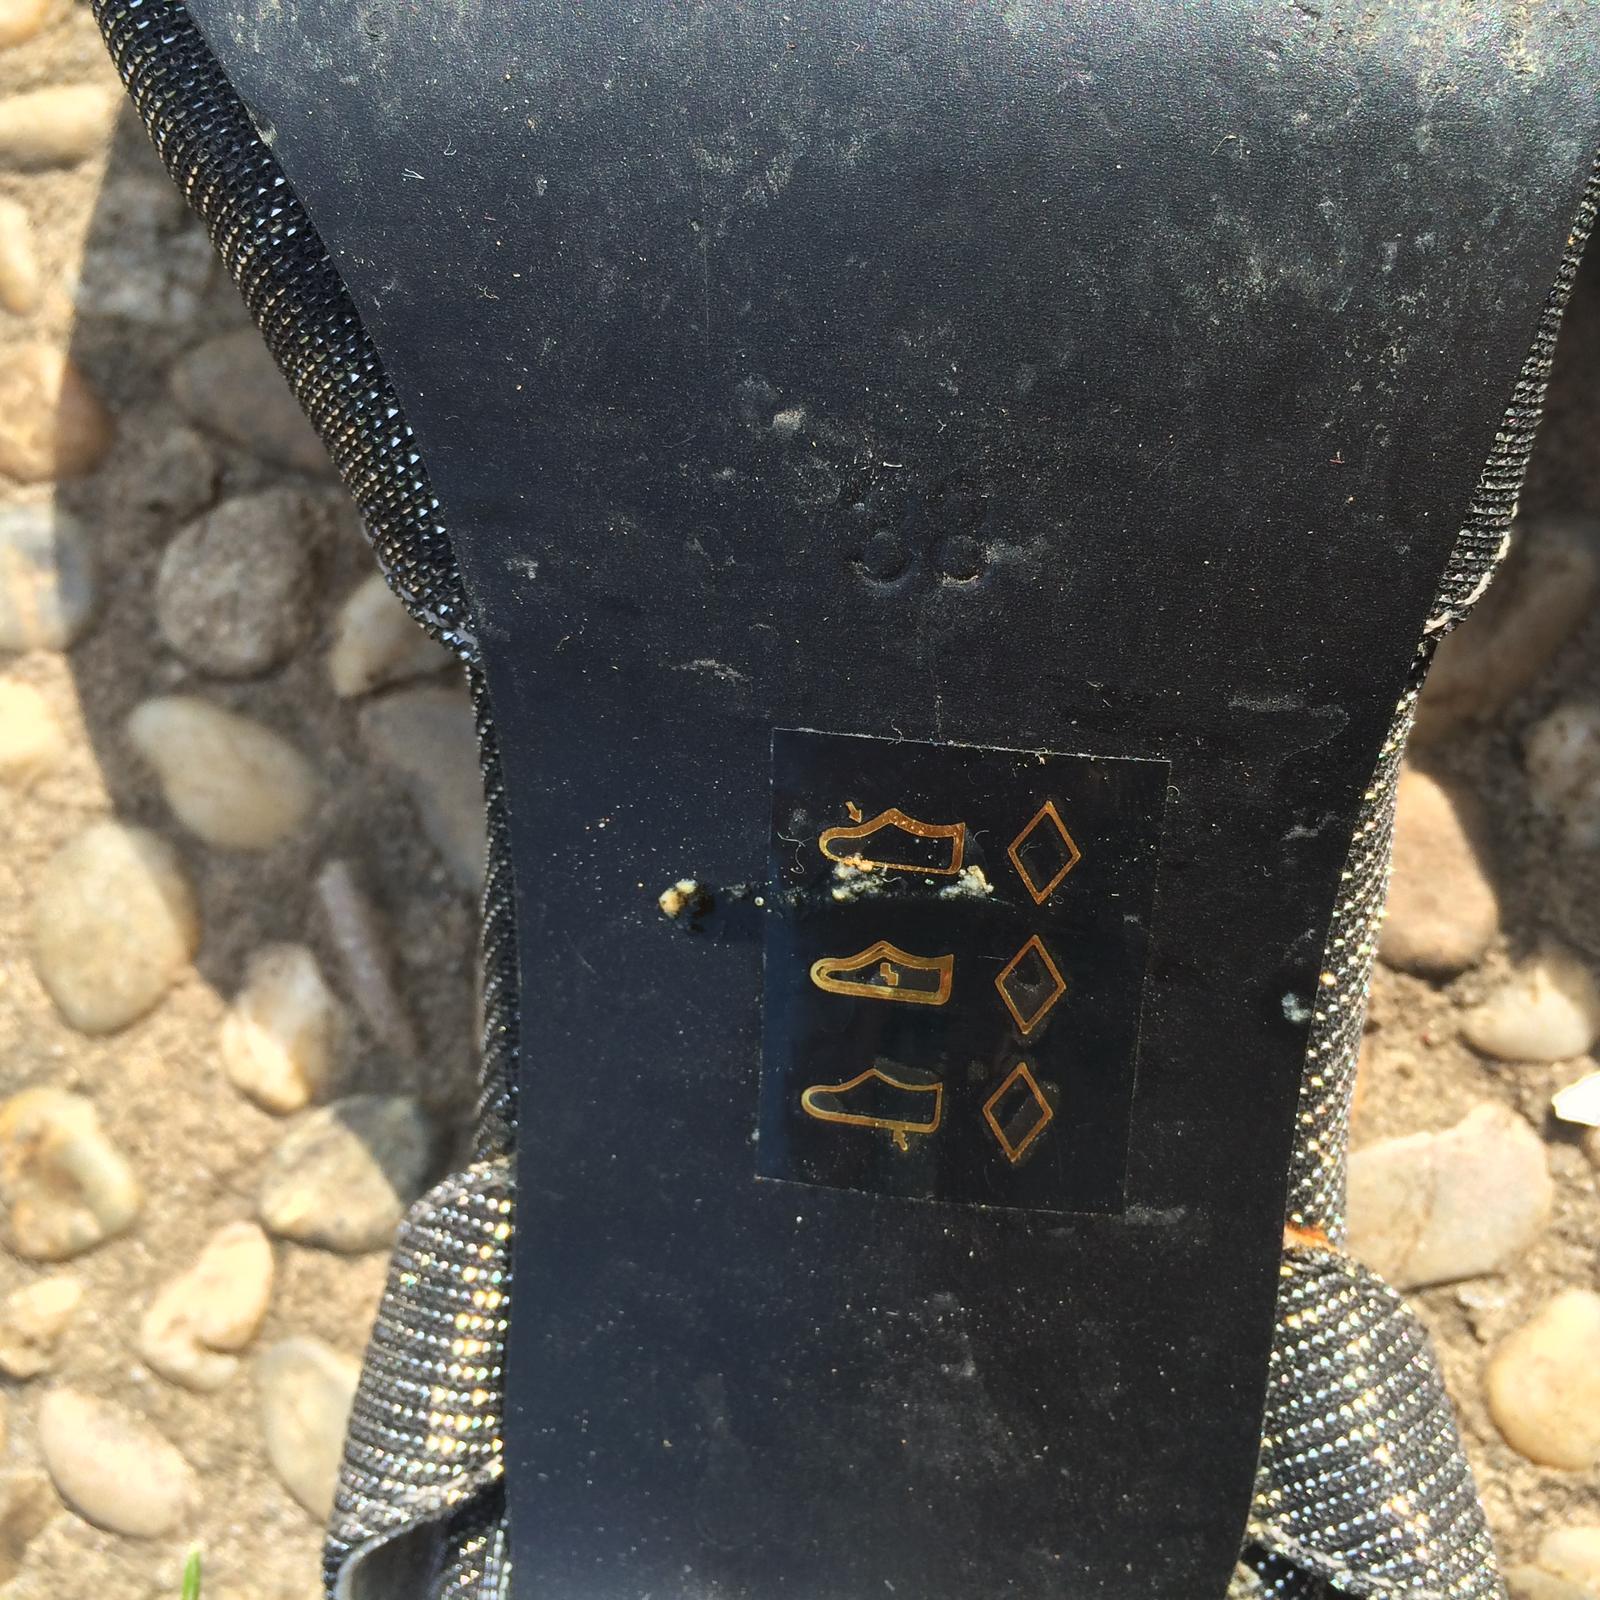 Šedo stříbrné boty na podpatku - Obrázek č. 3